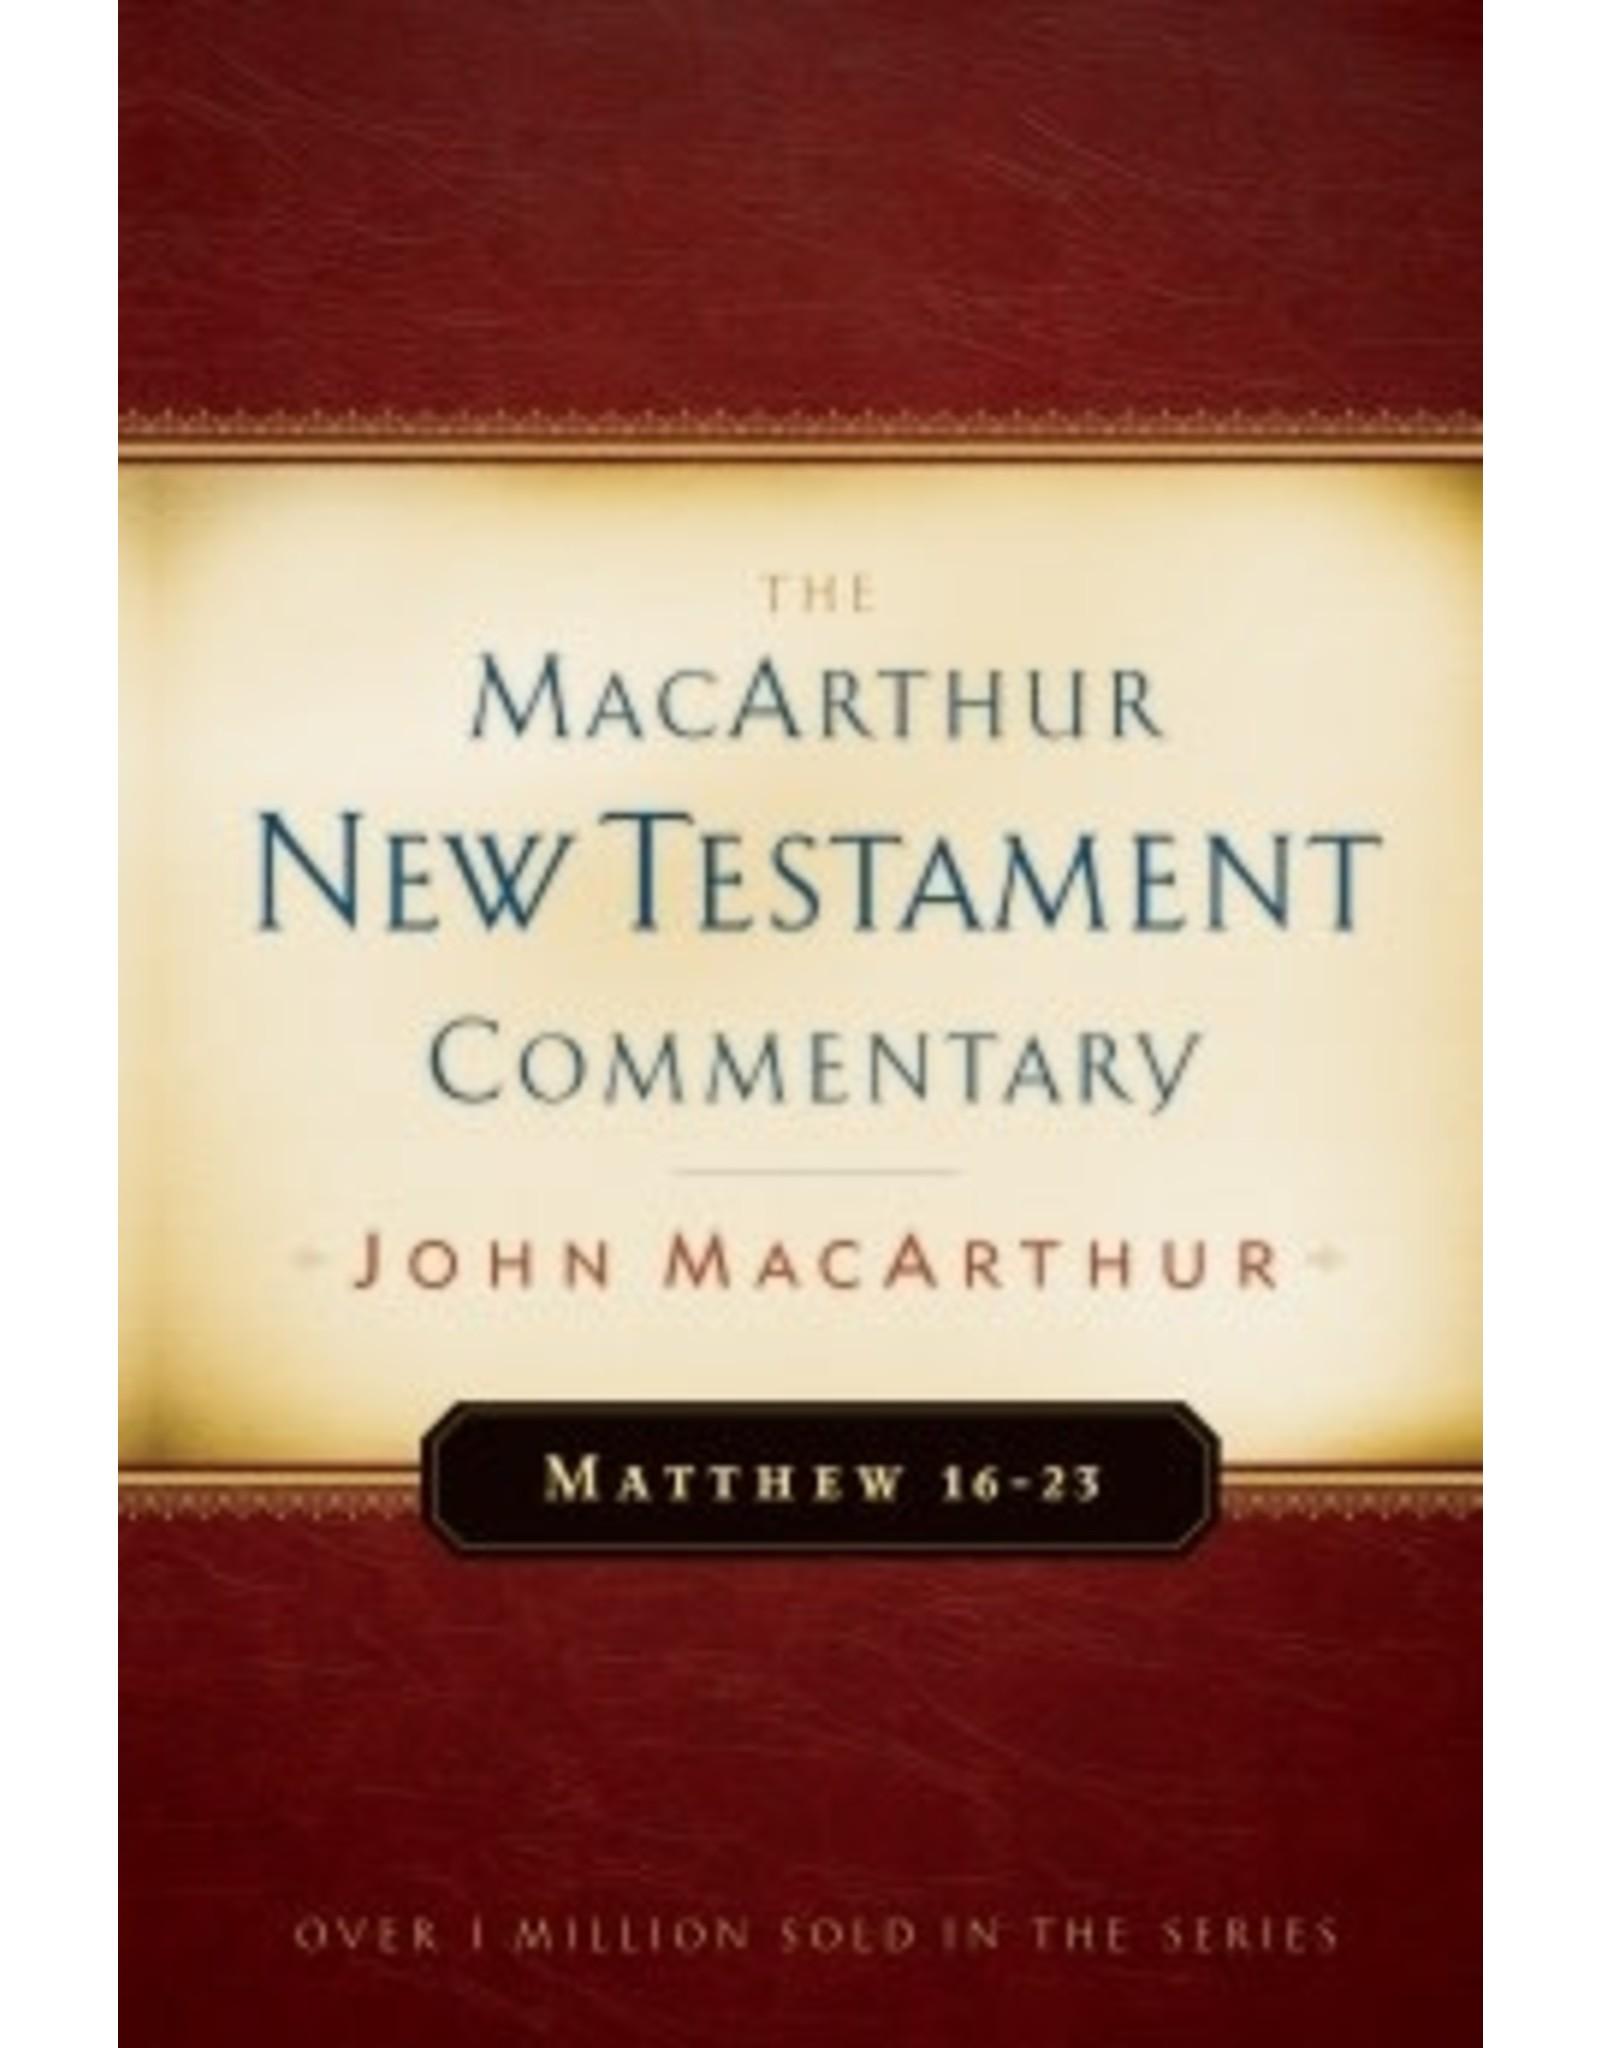 MacArthur MacArthur Commentary - Matthew 16-23